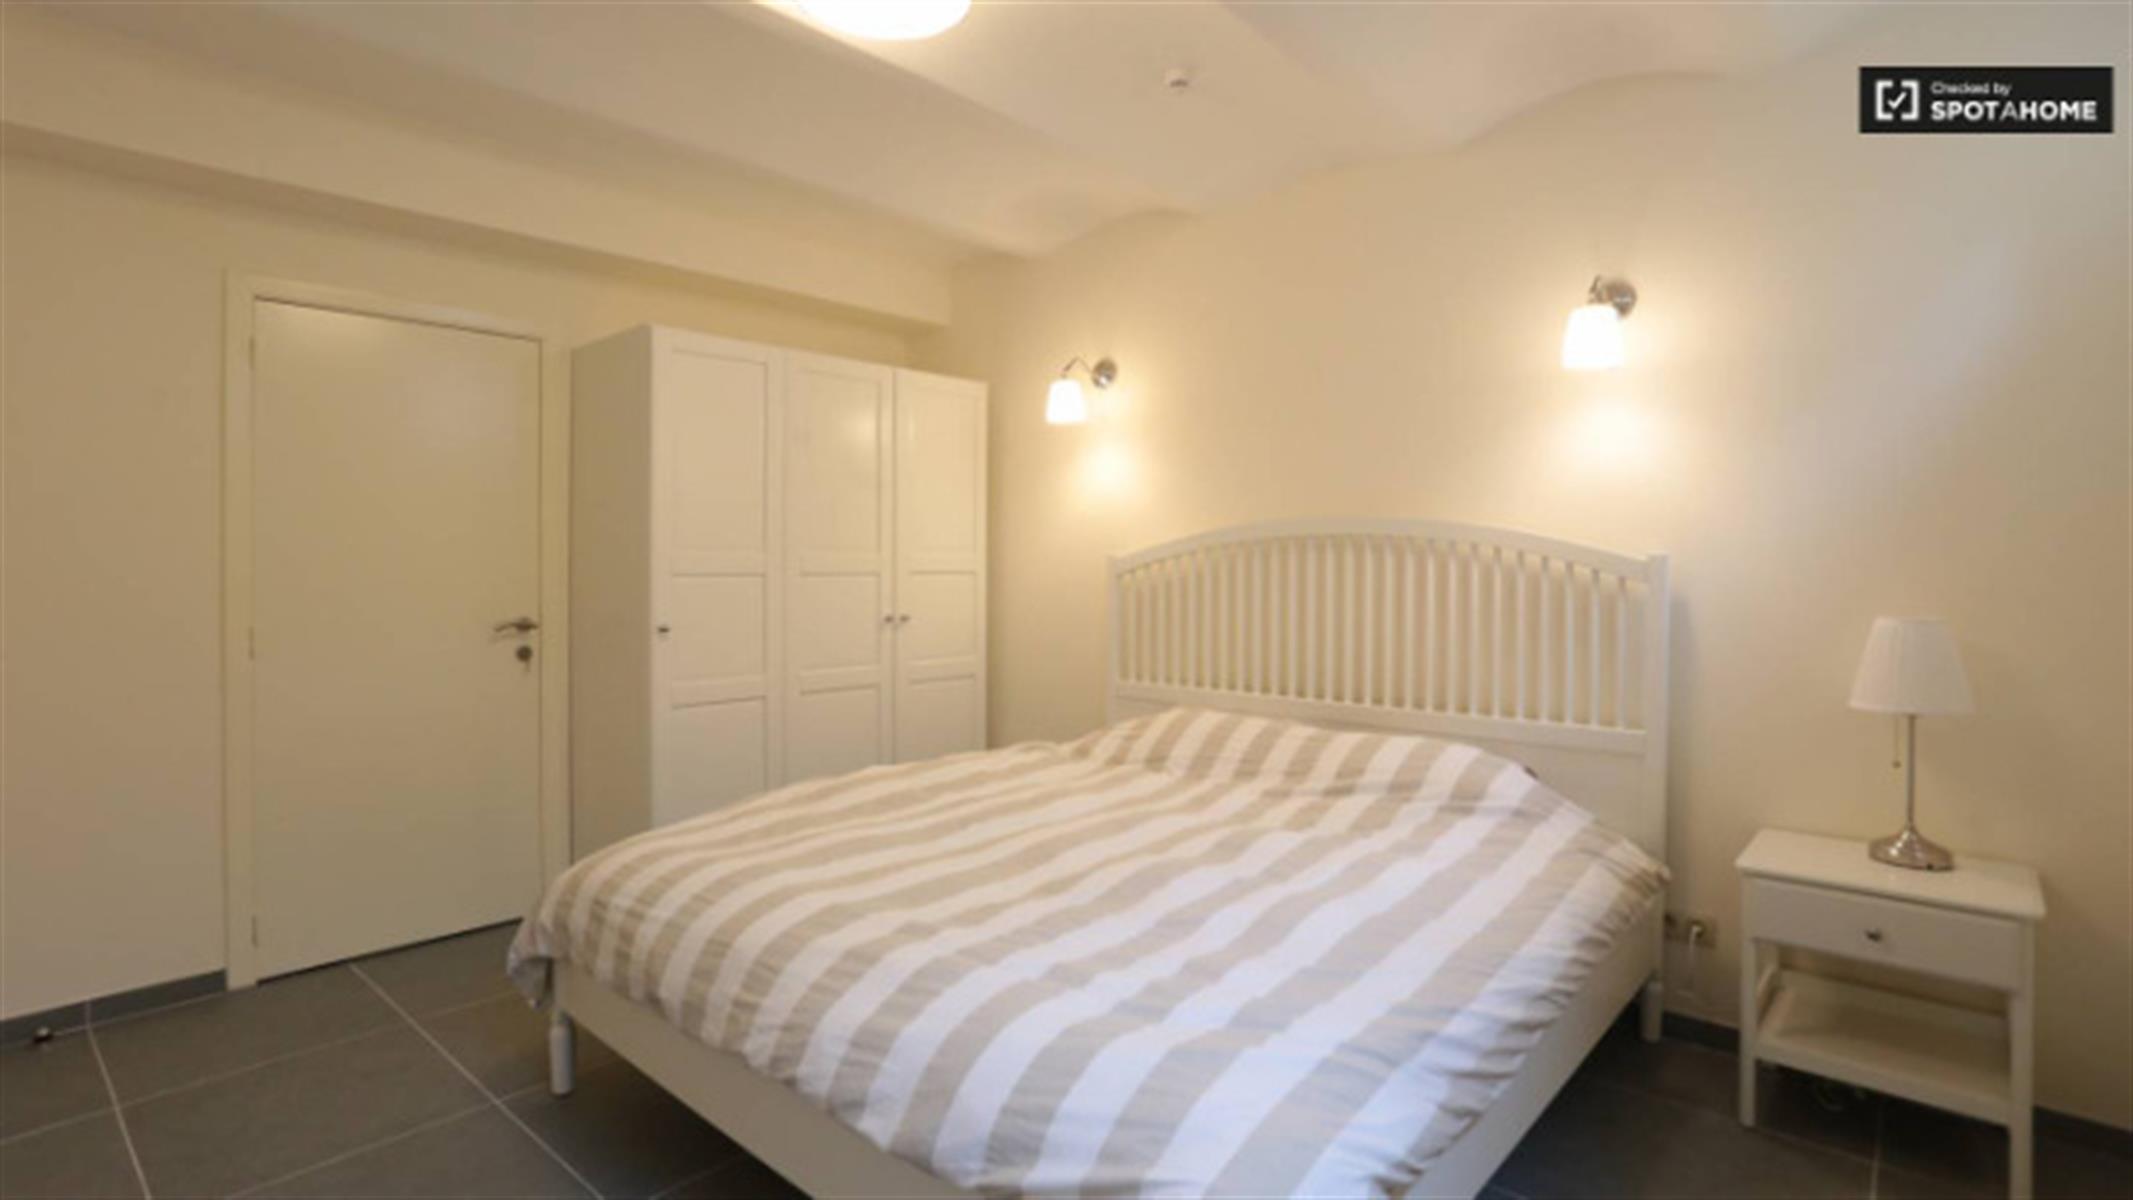 Duplex - Ixelles - #4150164-13